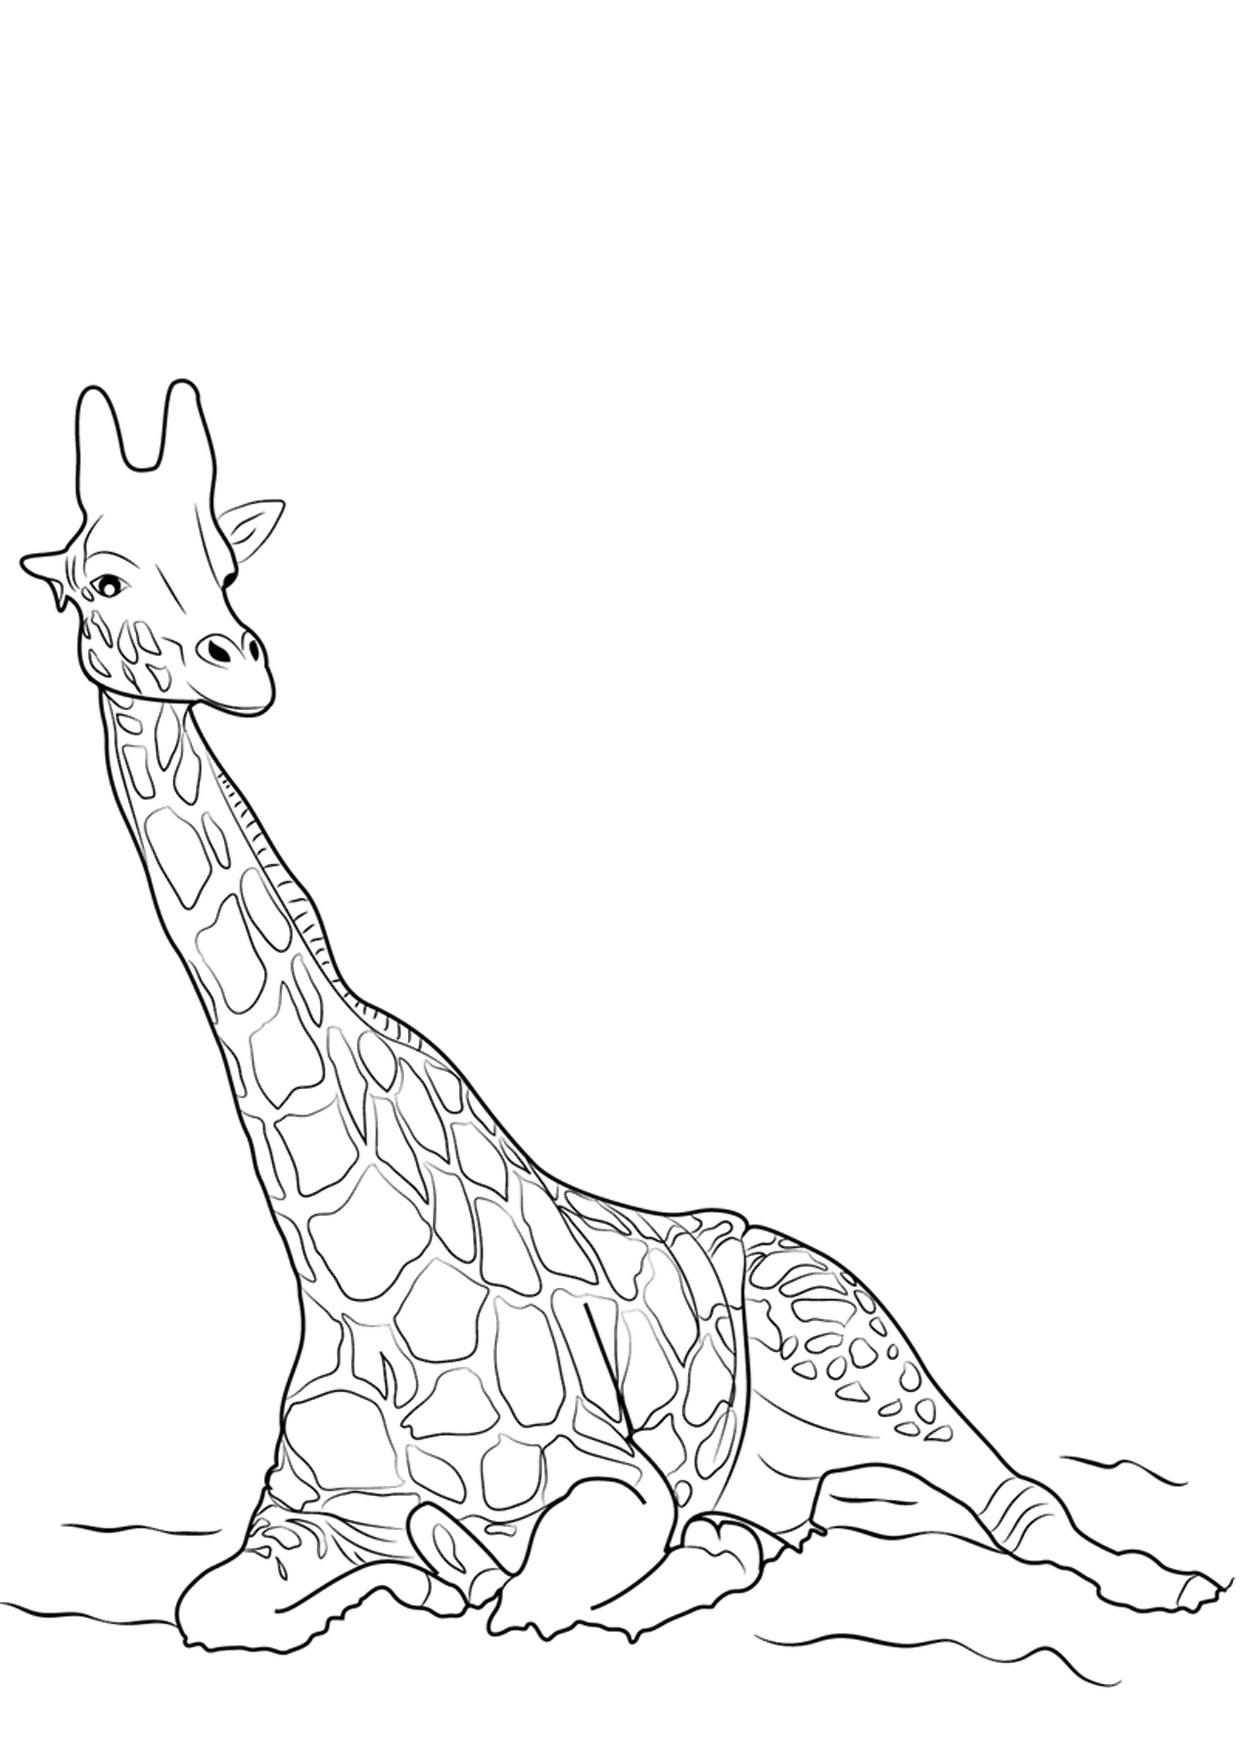 30 disegni di giraffe da colorare for Disegni di lupi da stampare